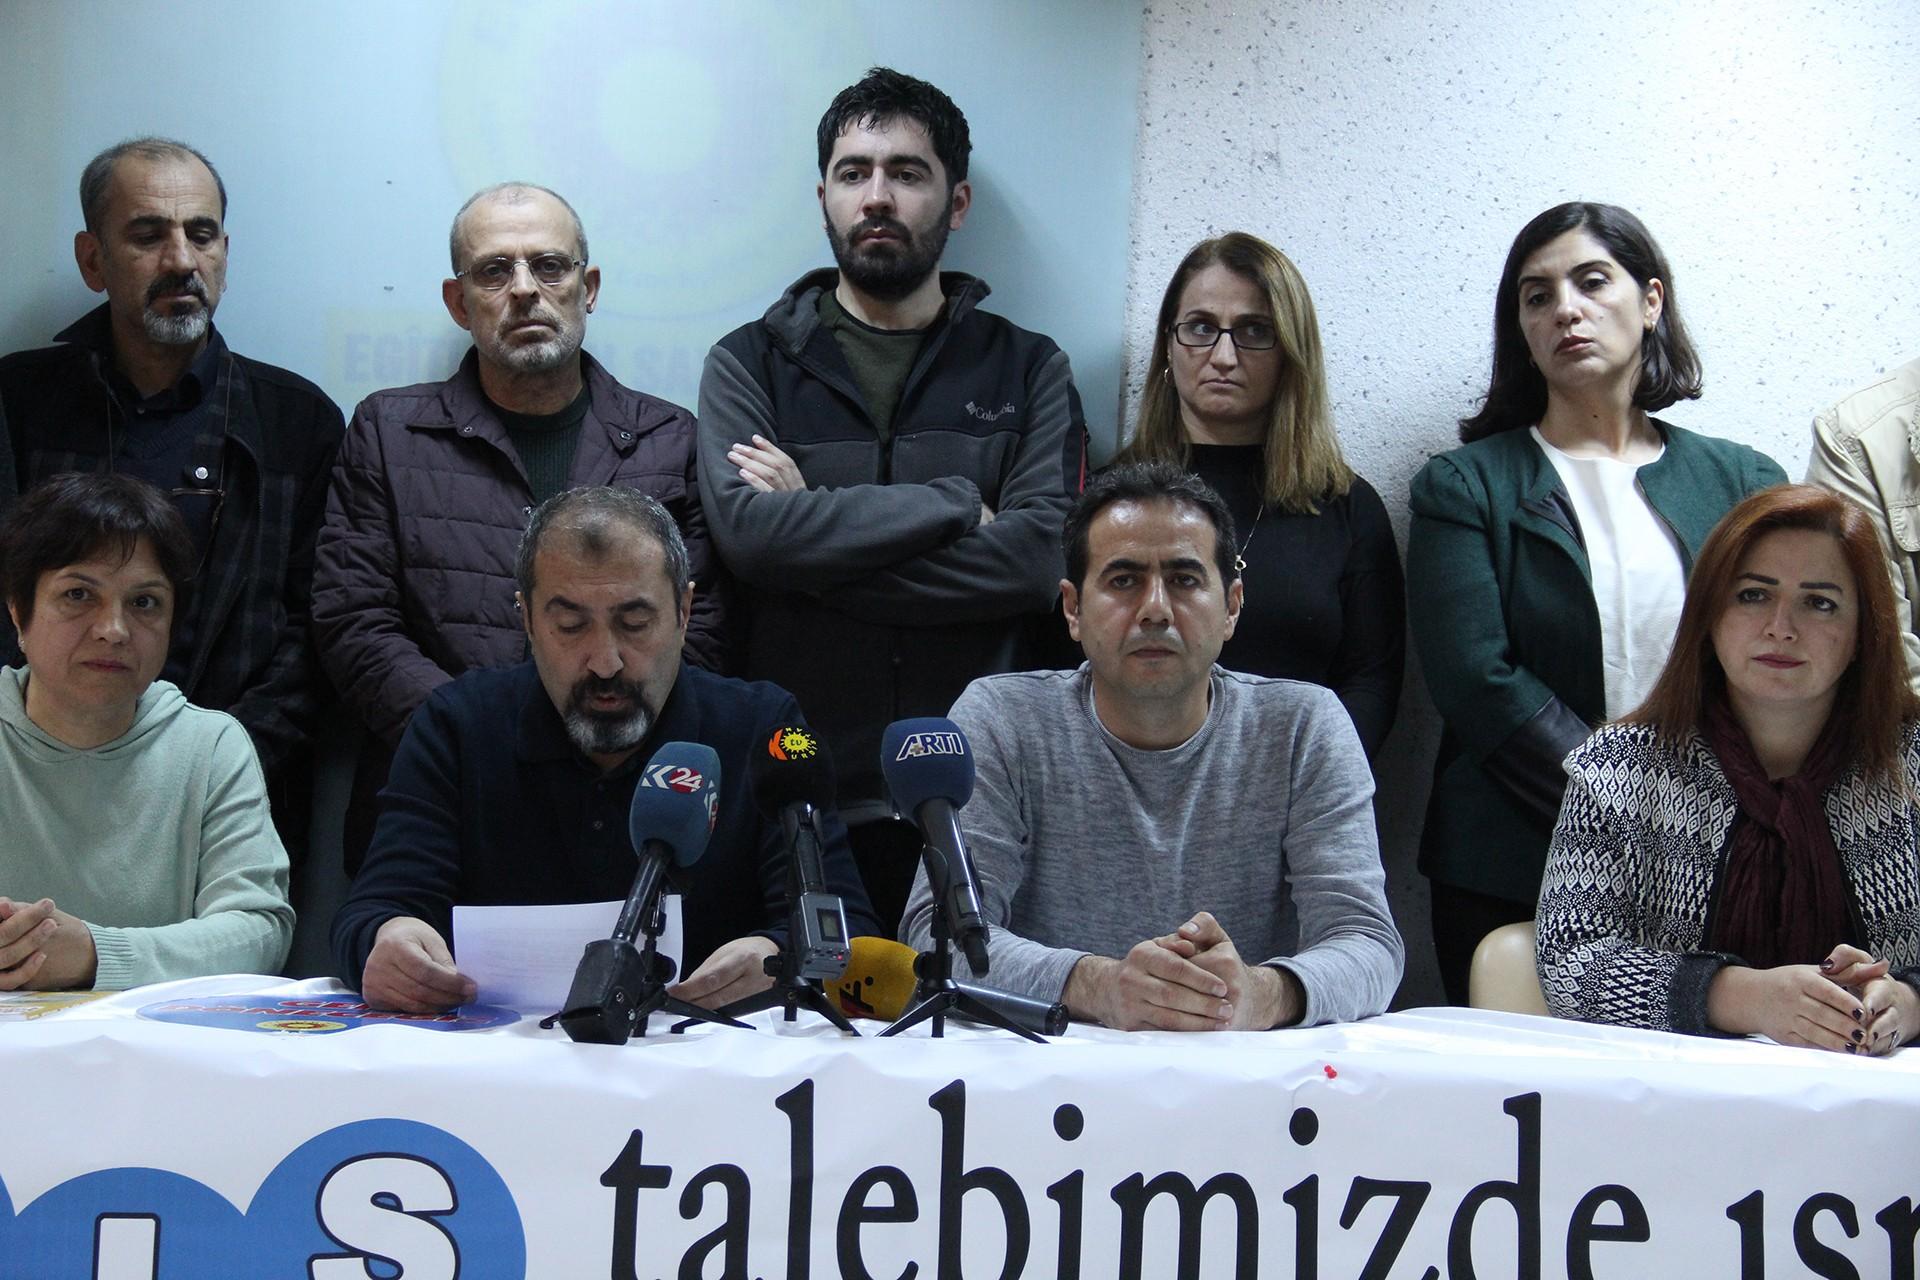 Eğitim Sen Diyarbakır 1 Nolu Şubede basın toplantısı düzenleniyor